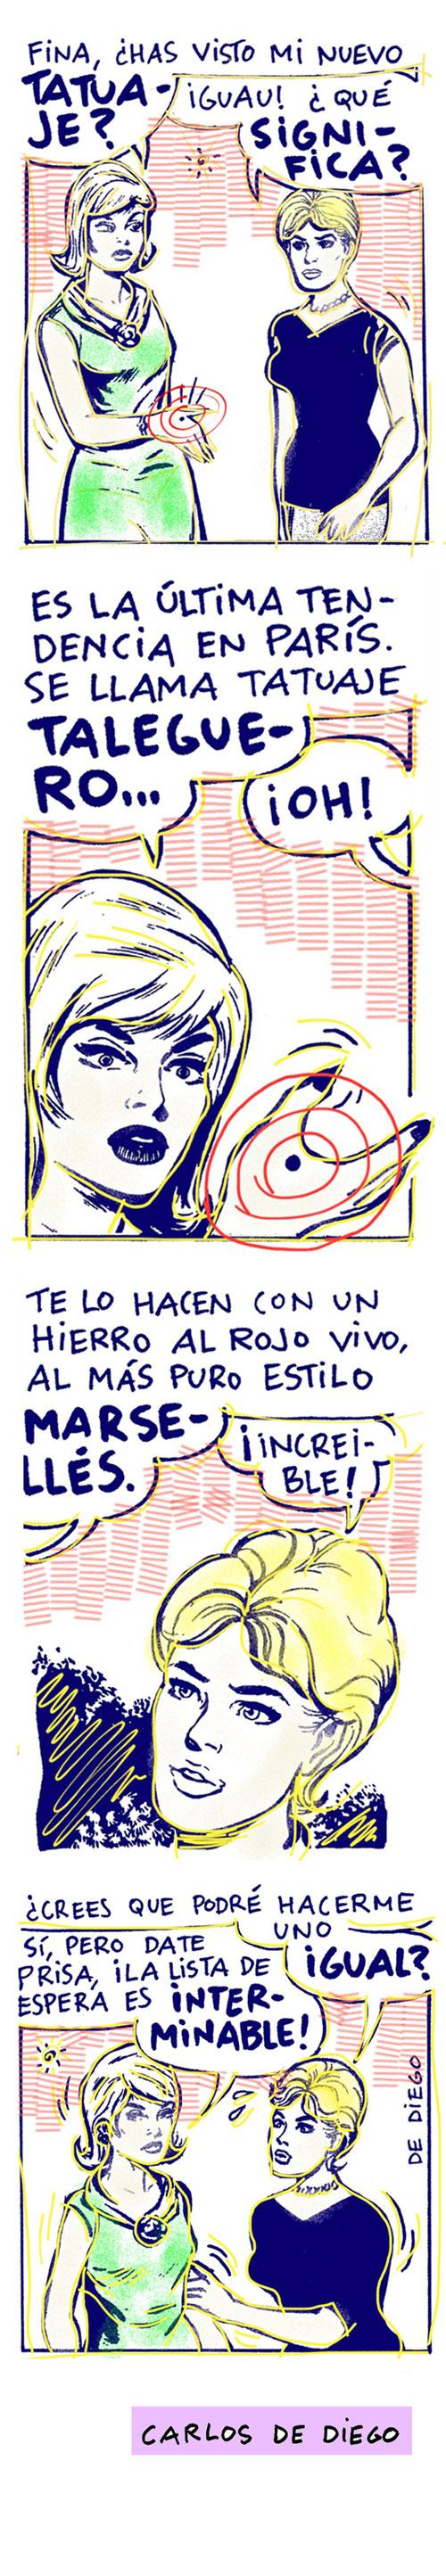 Carlos-de-Diego-Felicidad